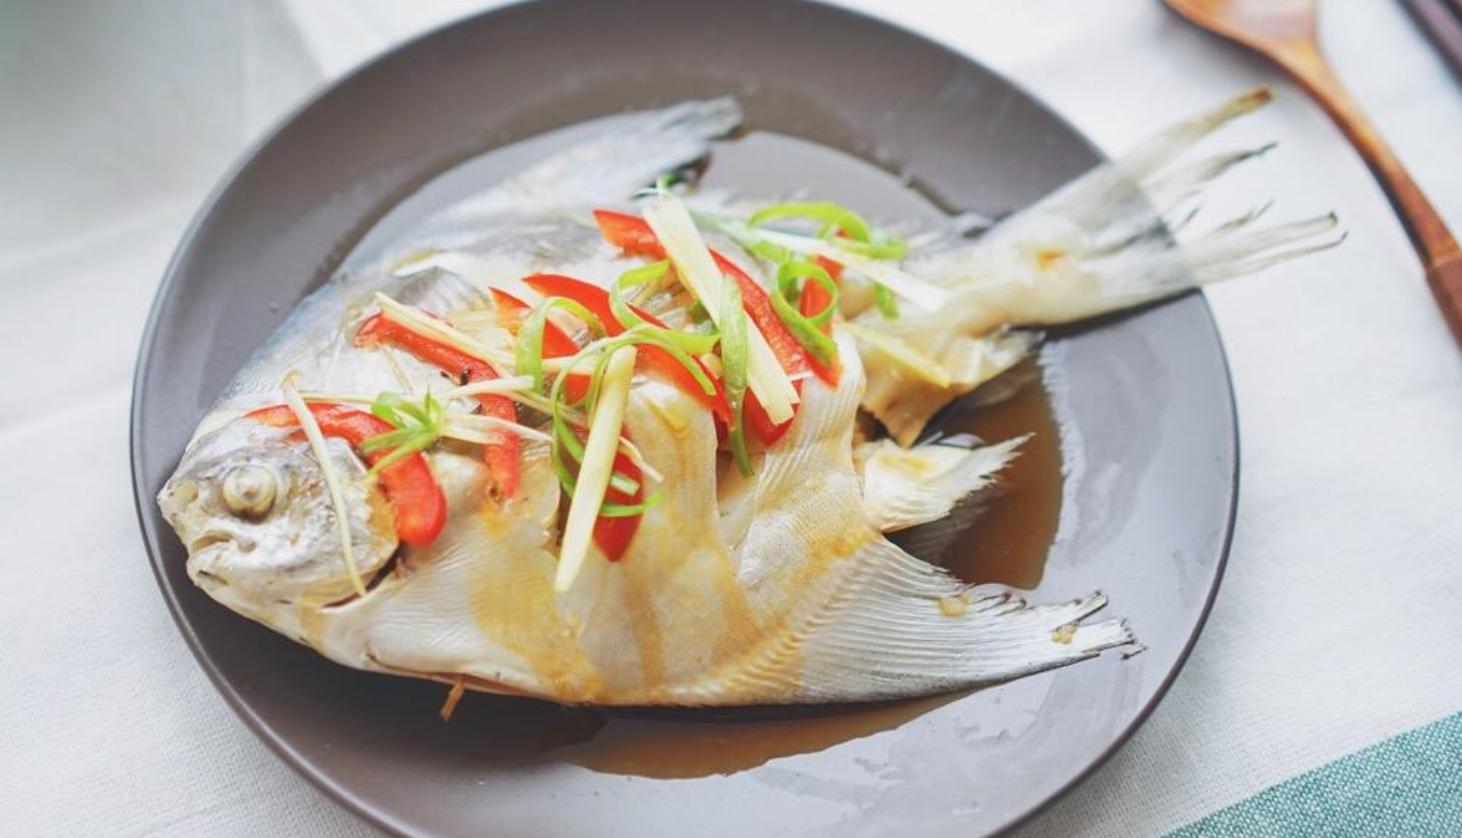 爱吃鱼的一定要收藏,教你鲳鱼的5种特色做法,好吃极了